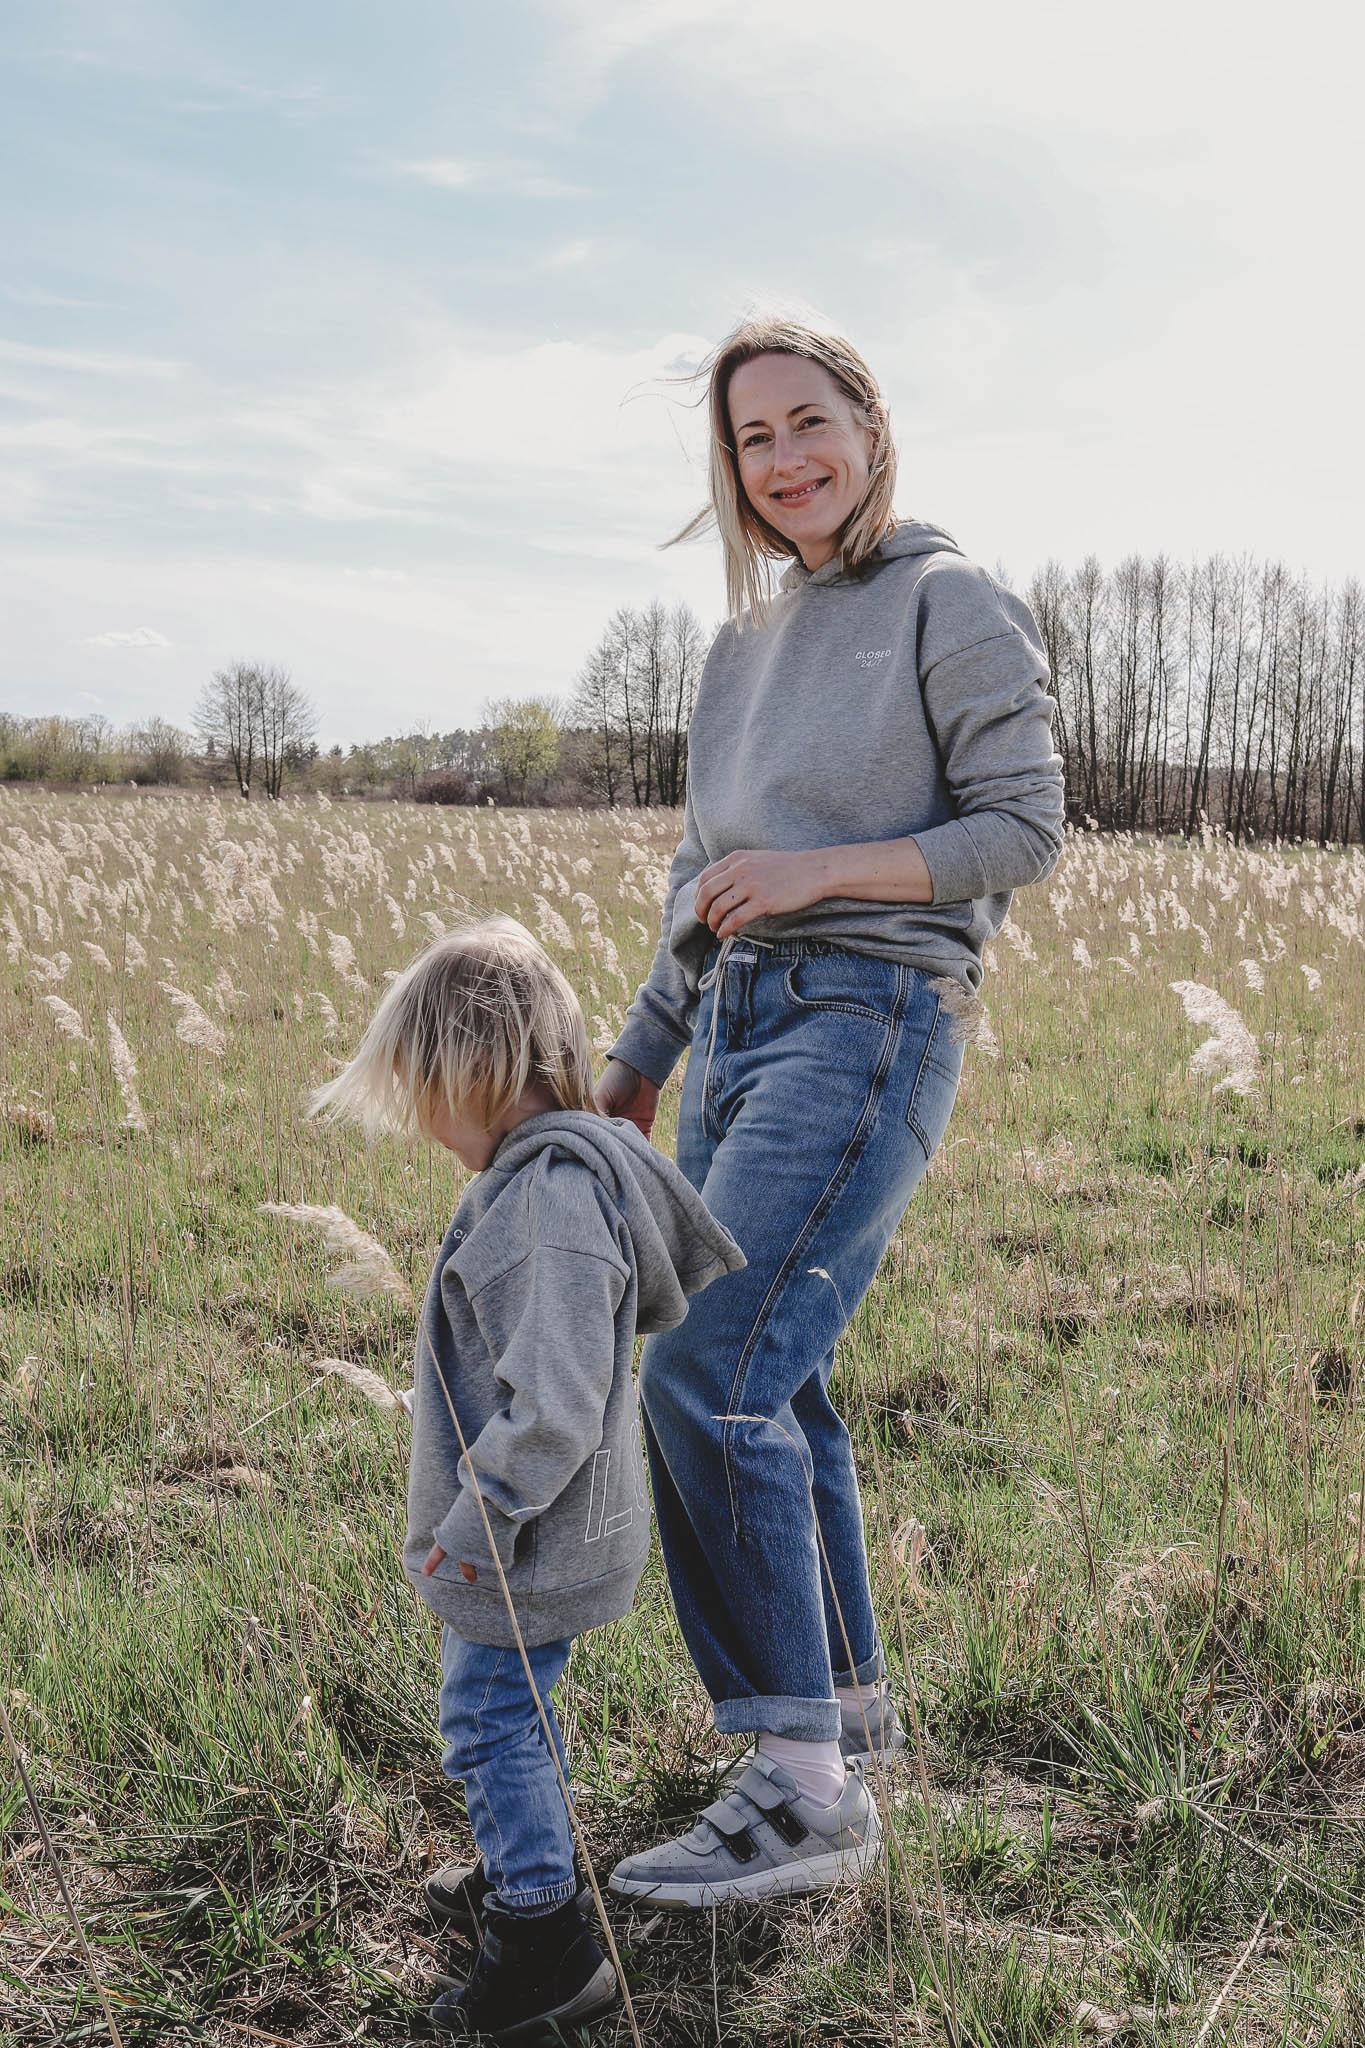 Ein Geschenk dieser Tage: 24/7 – Zeit mit unseren Kindern |WERBUNG